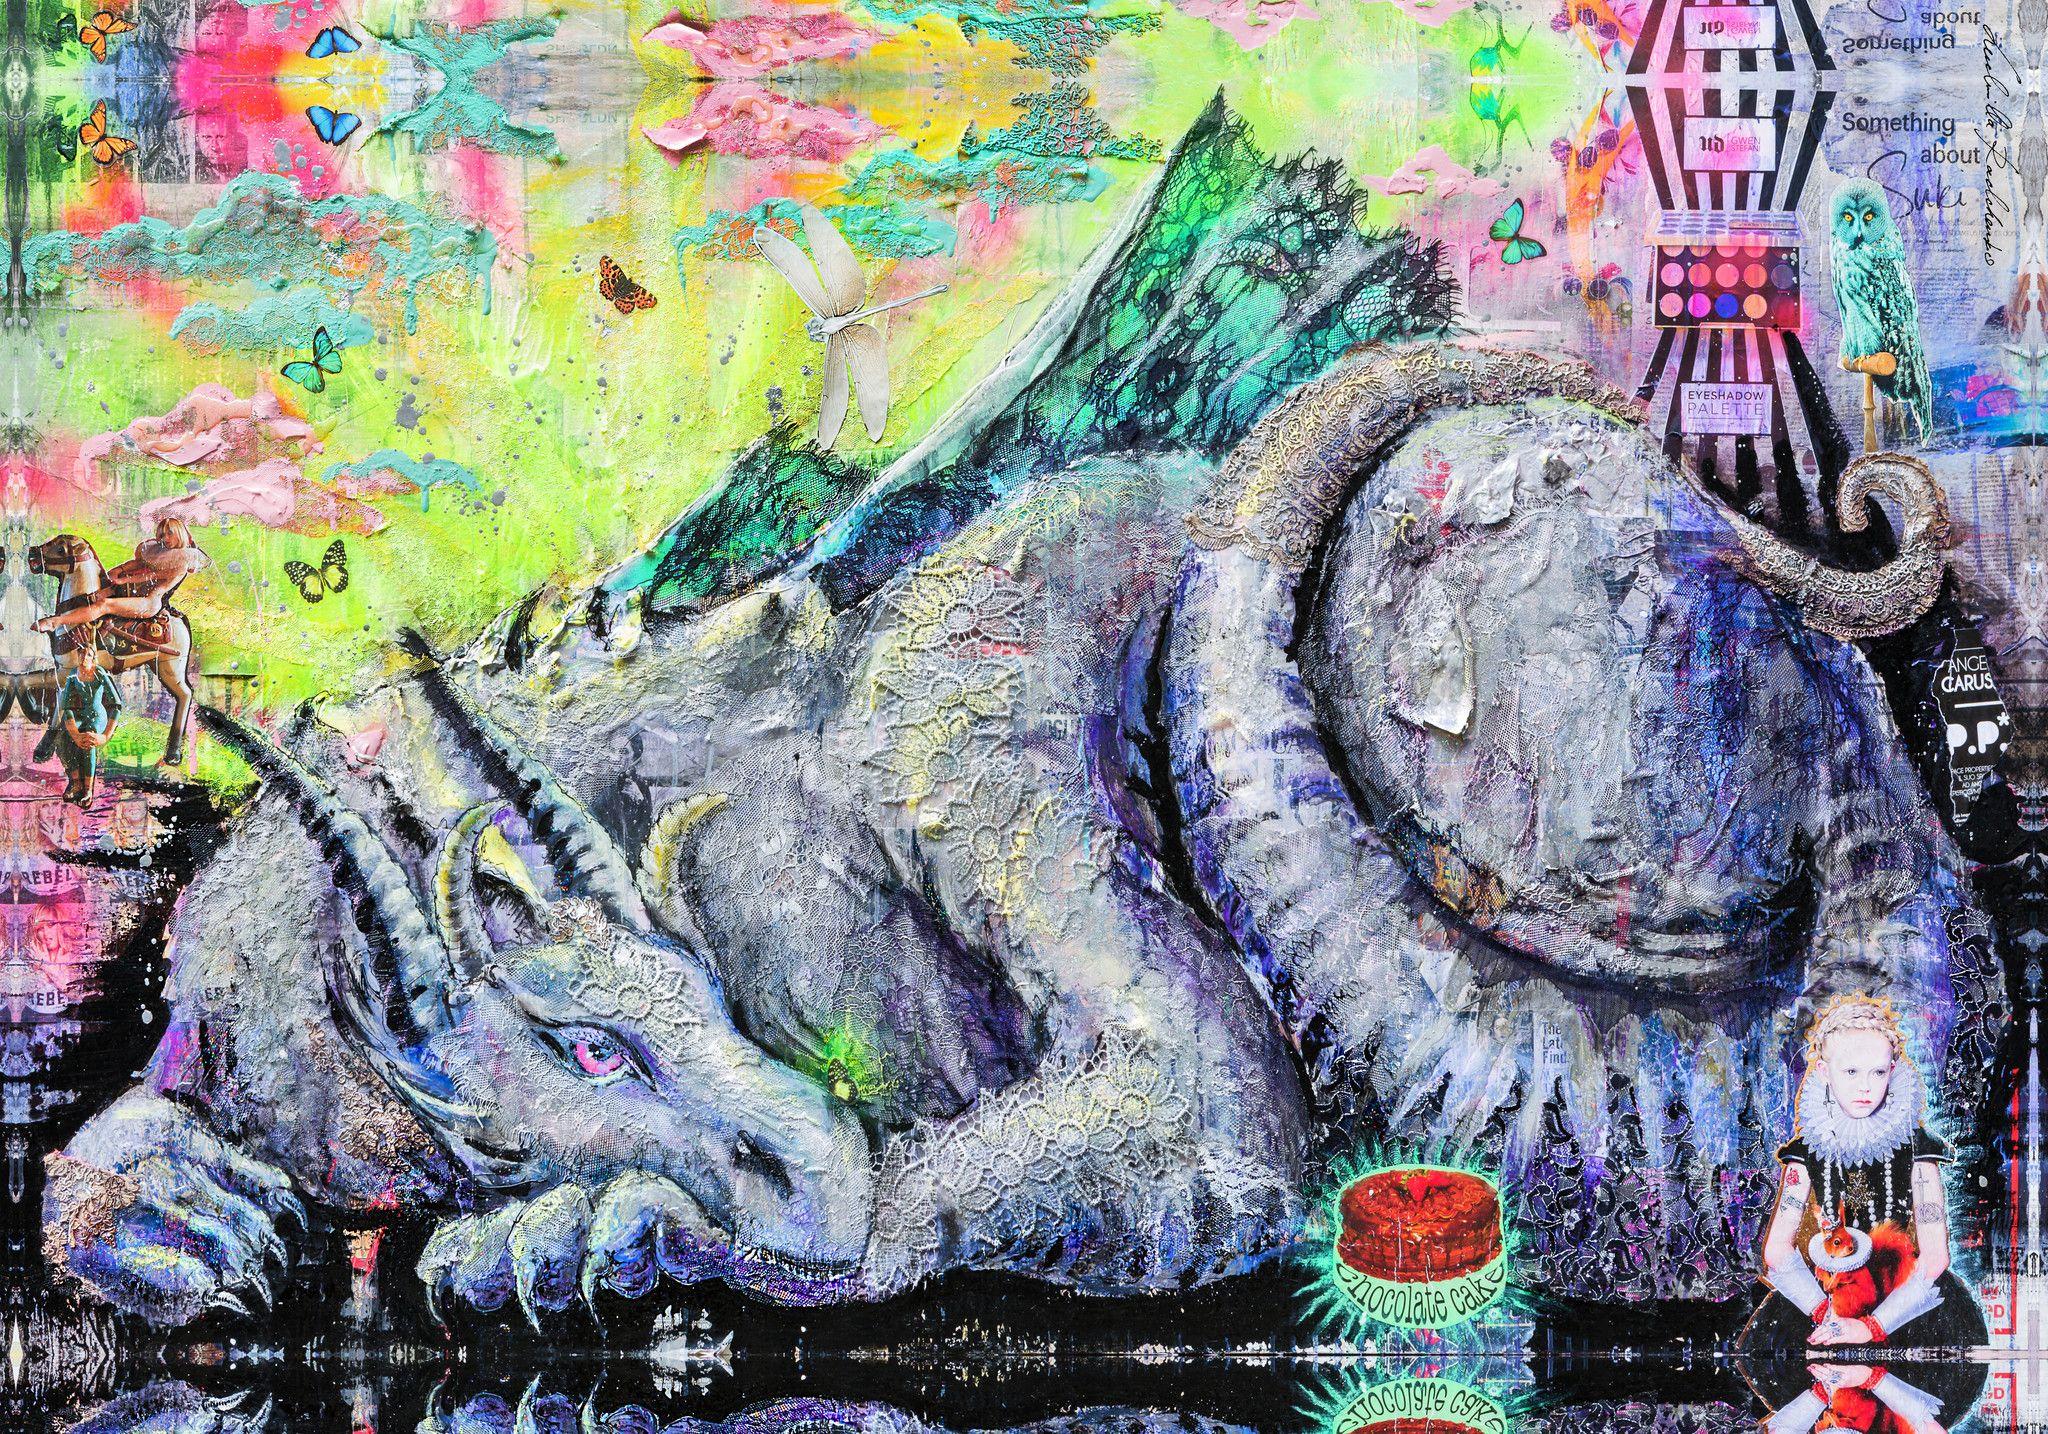 """PREGIATO FOULARD LUDMILLA RADCHENKO """" QUITE AWAKE """"  dimensioni L 140 x H 200c cm."""